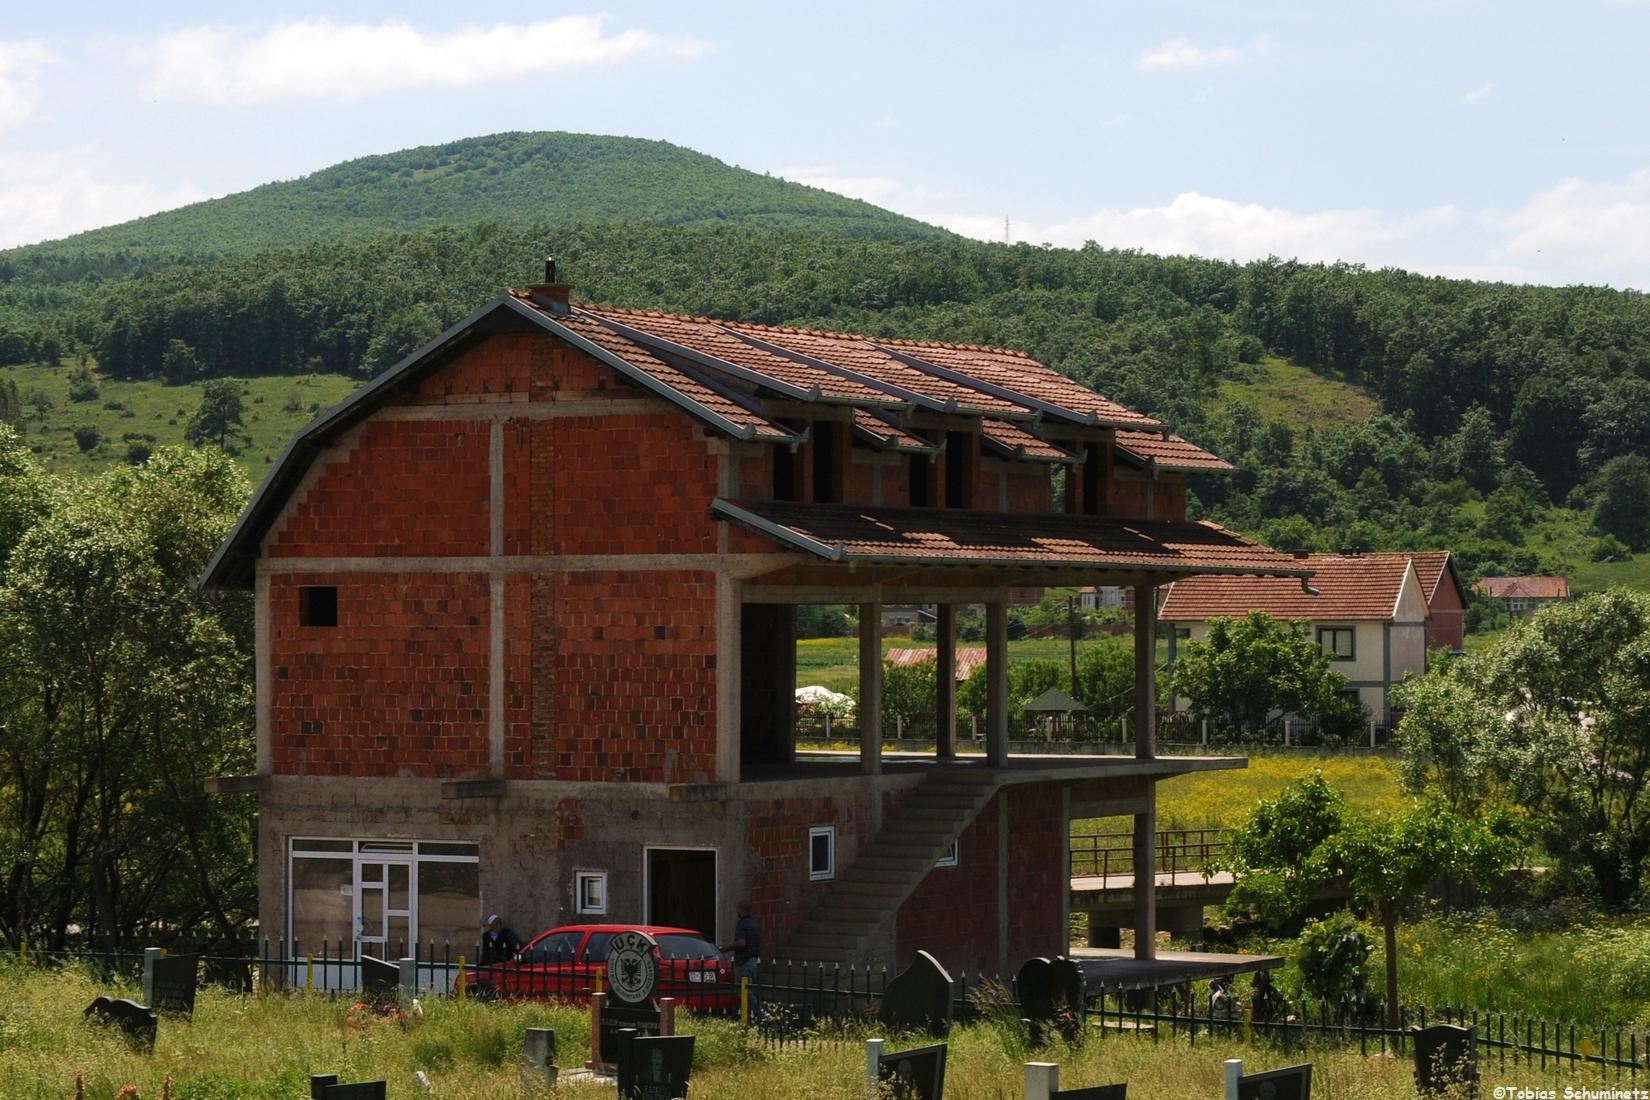 Ein typische Haus. Unten wird schon drinnen gewohnt, bzw. befindet sich ein Laden und oben wird weiter ausgebaut, wenn das Geld dazu da ist.